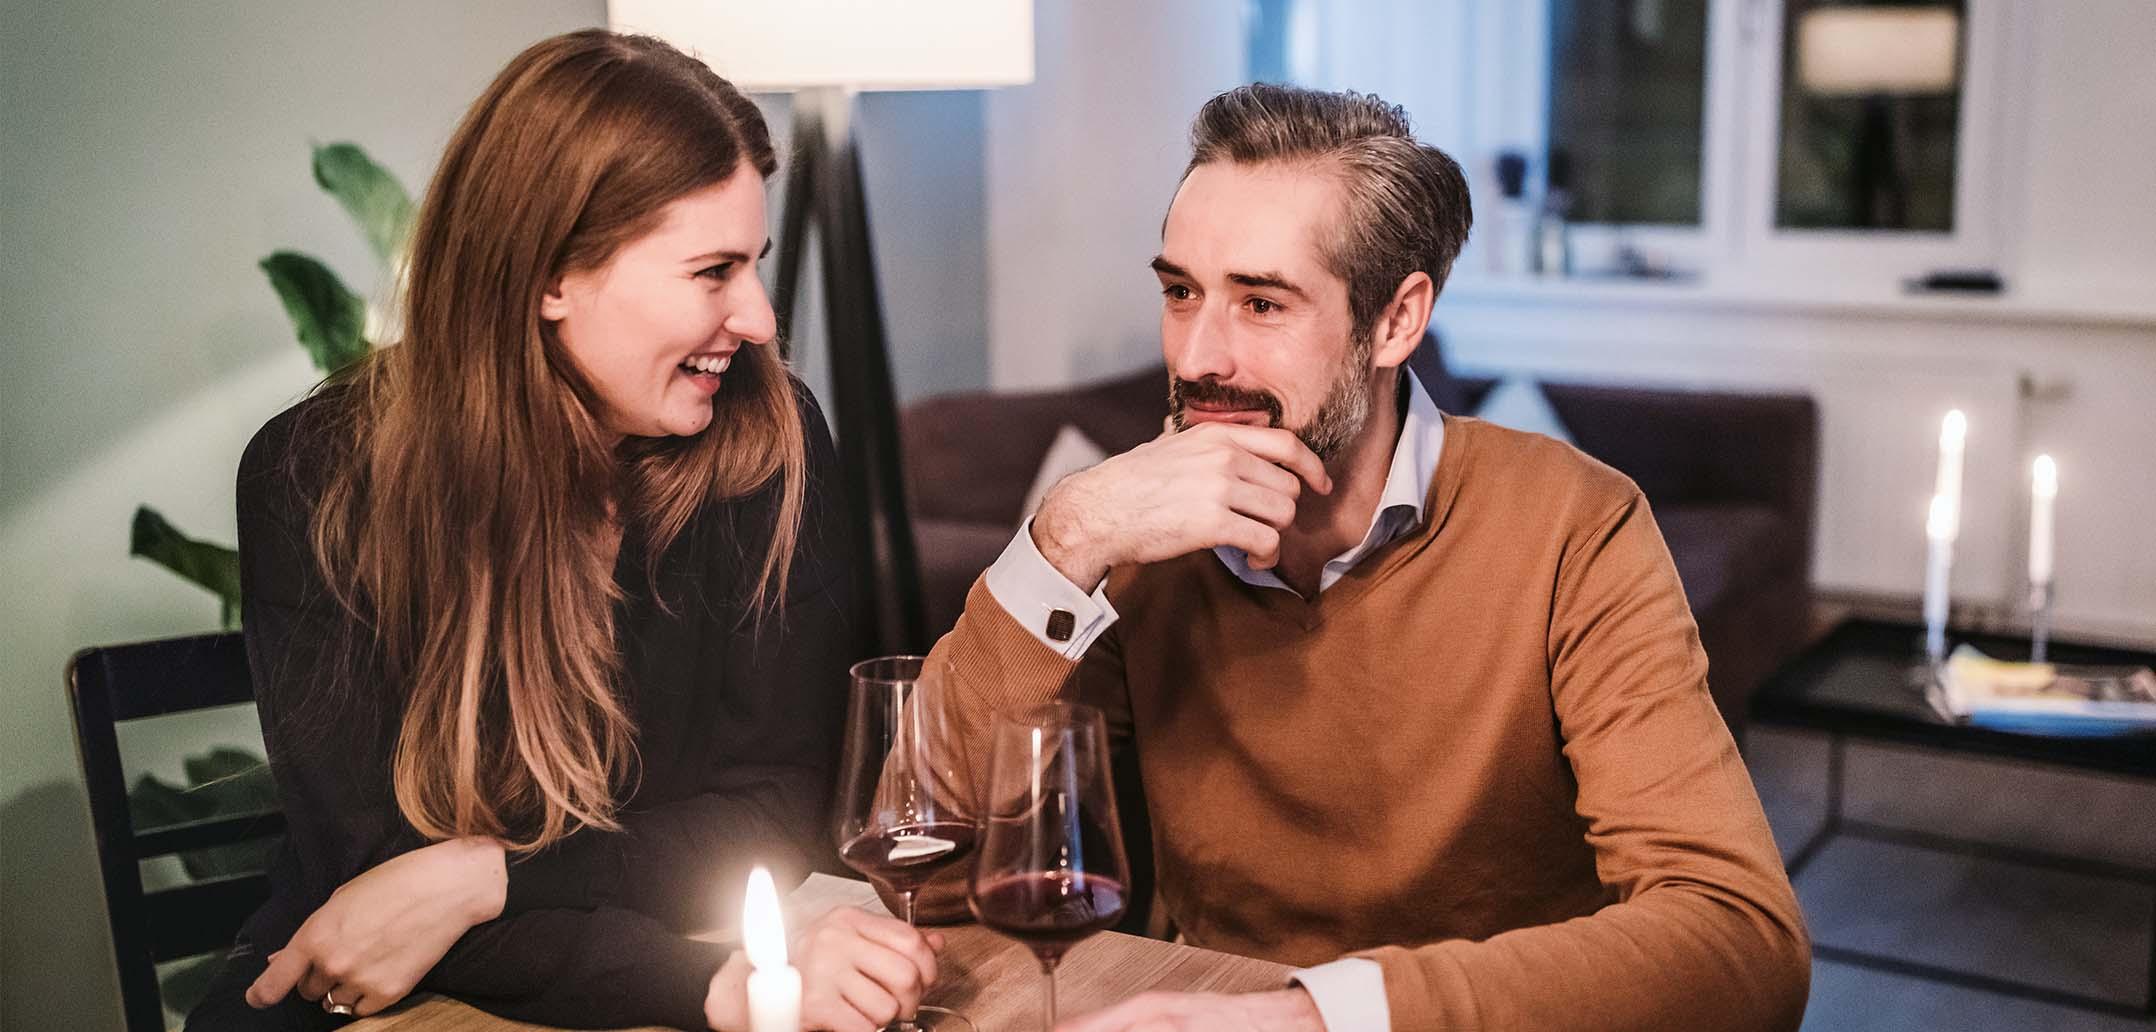 Zeit zu zweit ist immens wichtig für eine glückliche Beziehung